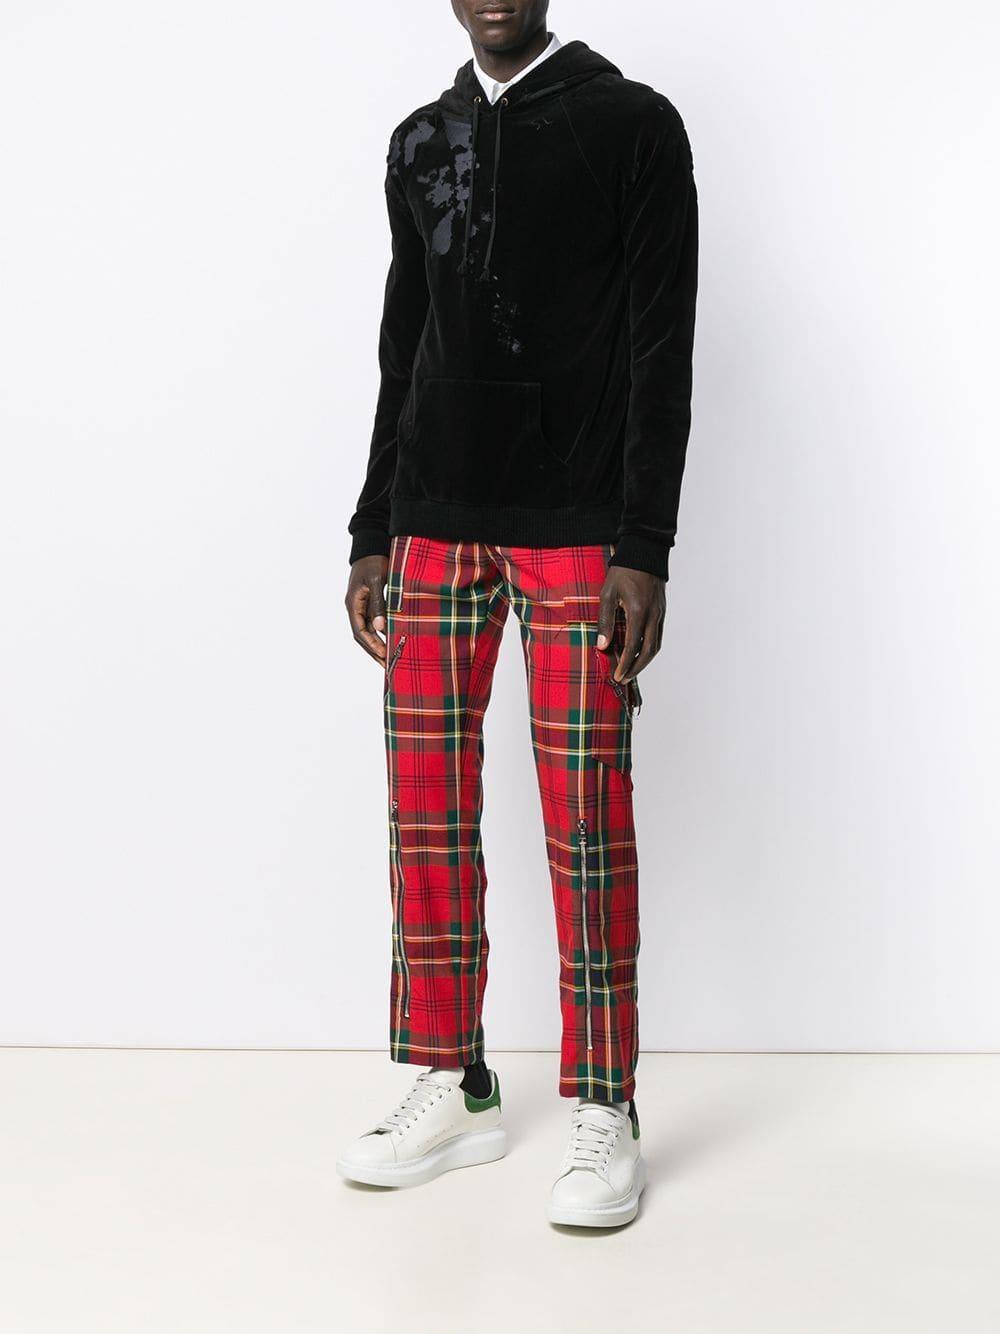 Alexander McQueen Plaid Straight-leg Trousers in het Rood voor heren